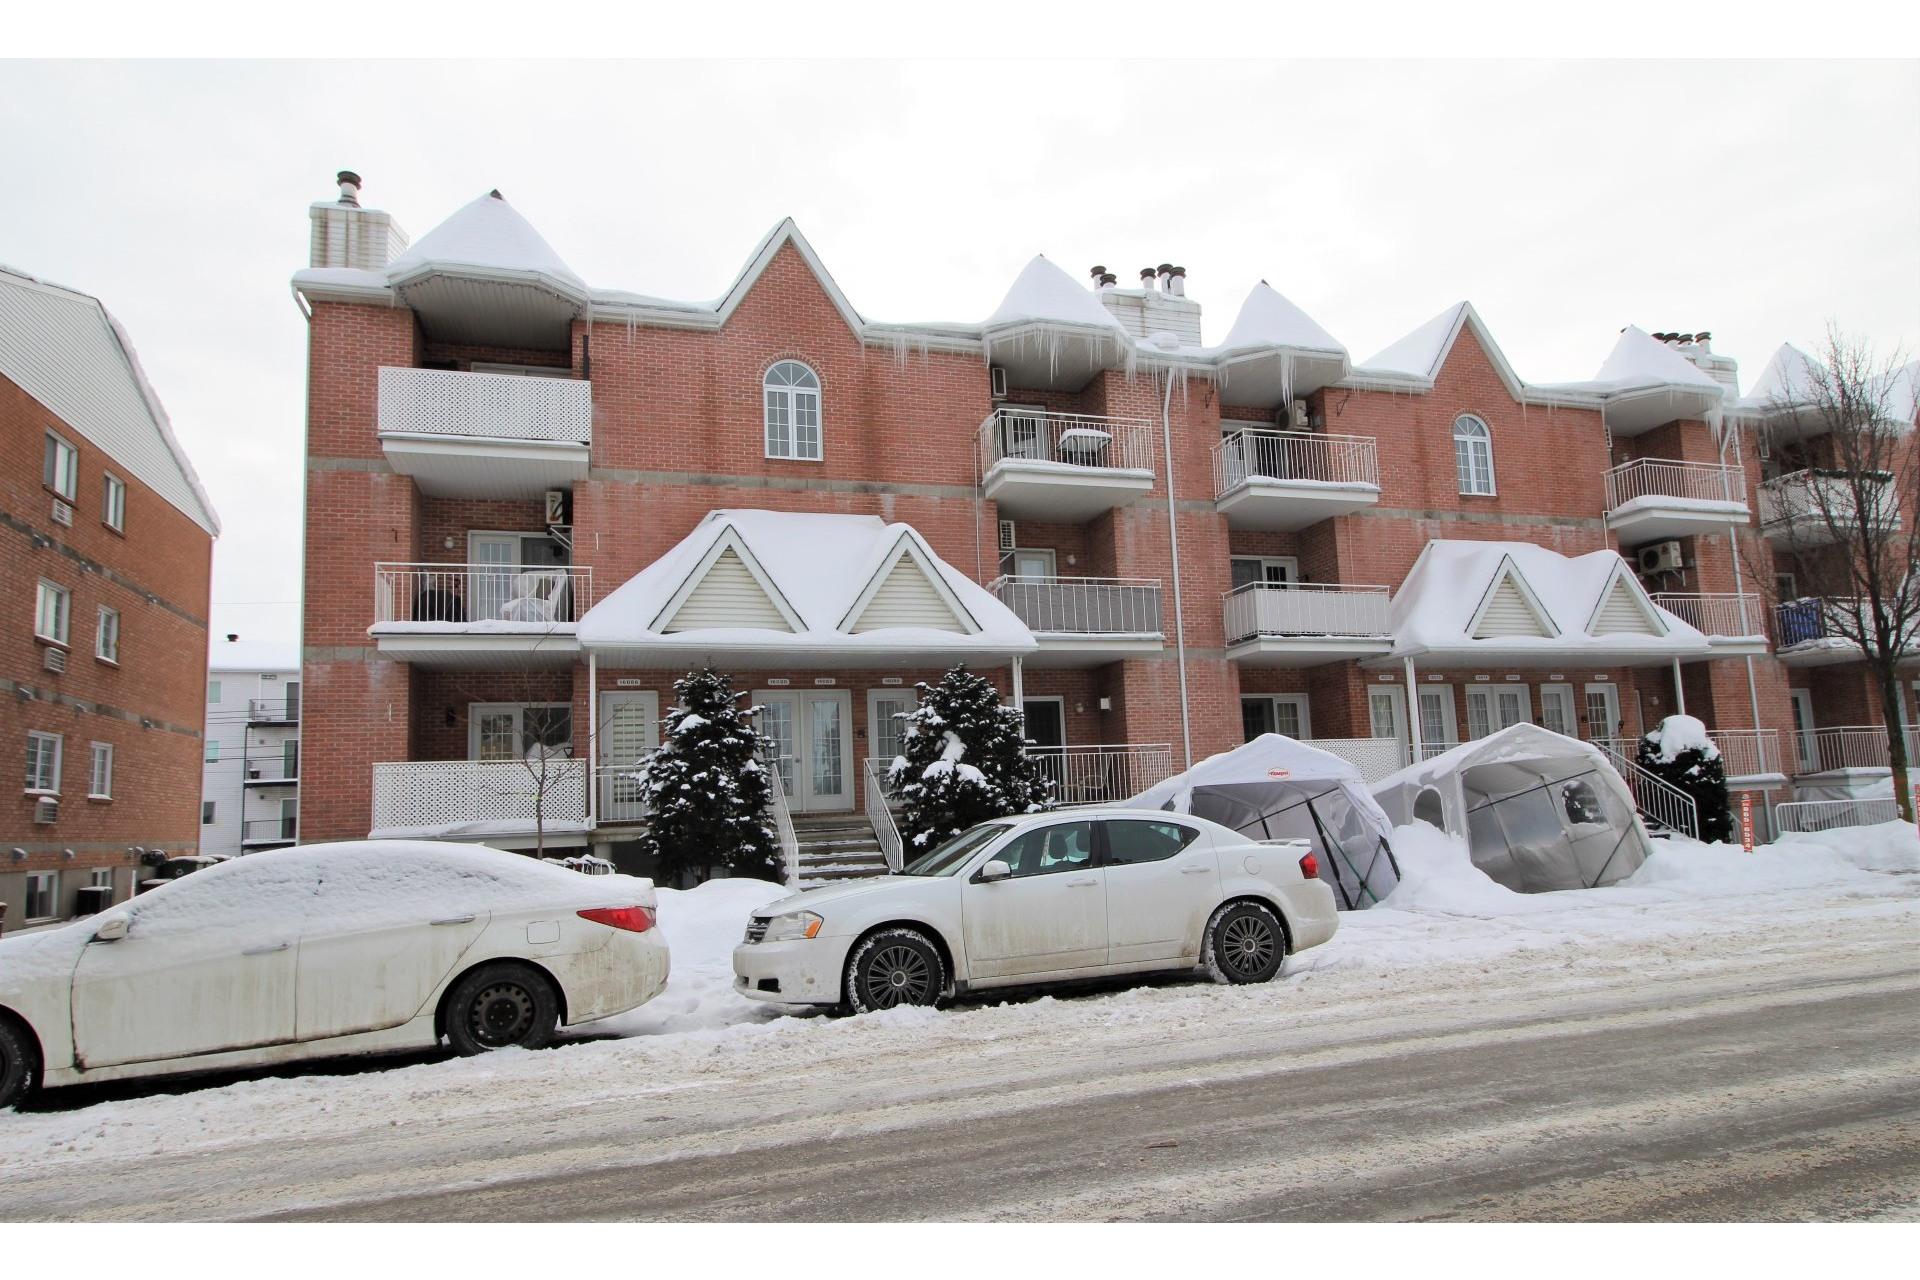 image 18 - Appartement À vendre Rivière-des-Prairies/Pointe-aux-Trembles Montréal  - 7 pièces